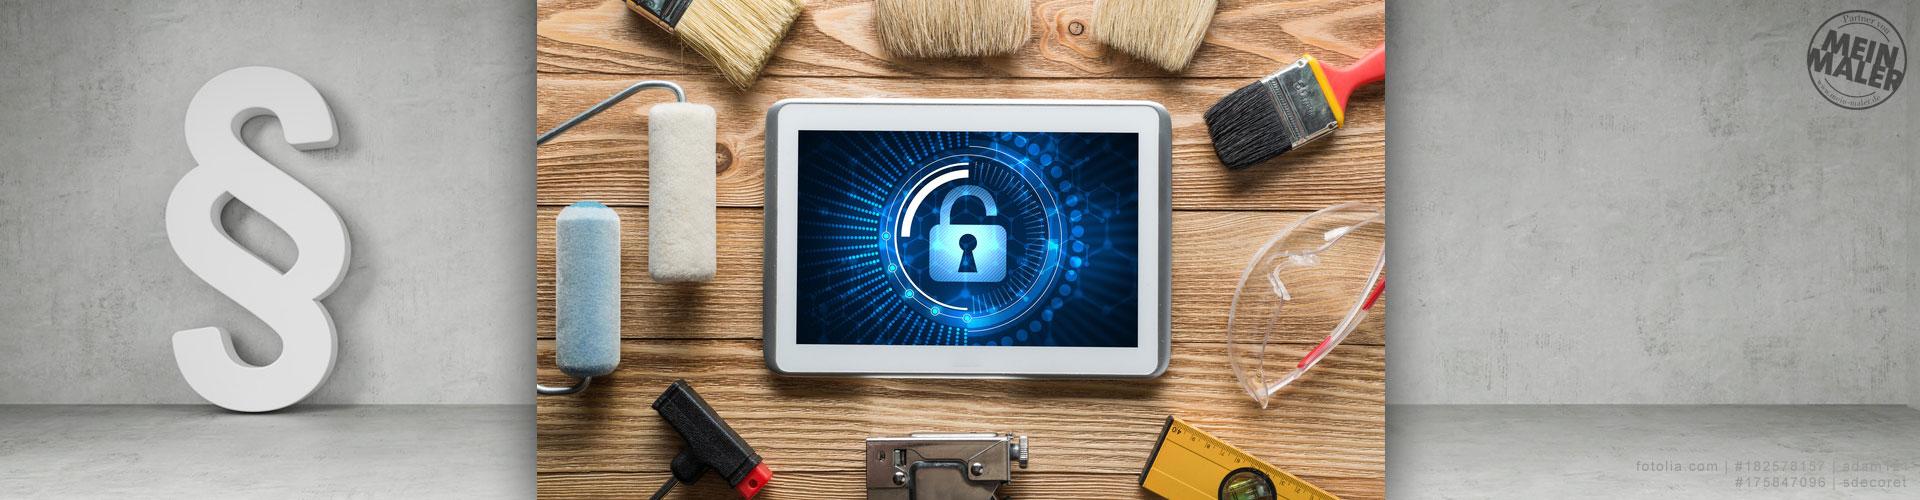 Datenschutz-Grundverordnung DSGVO im Handwerk 2018